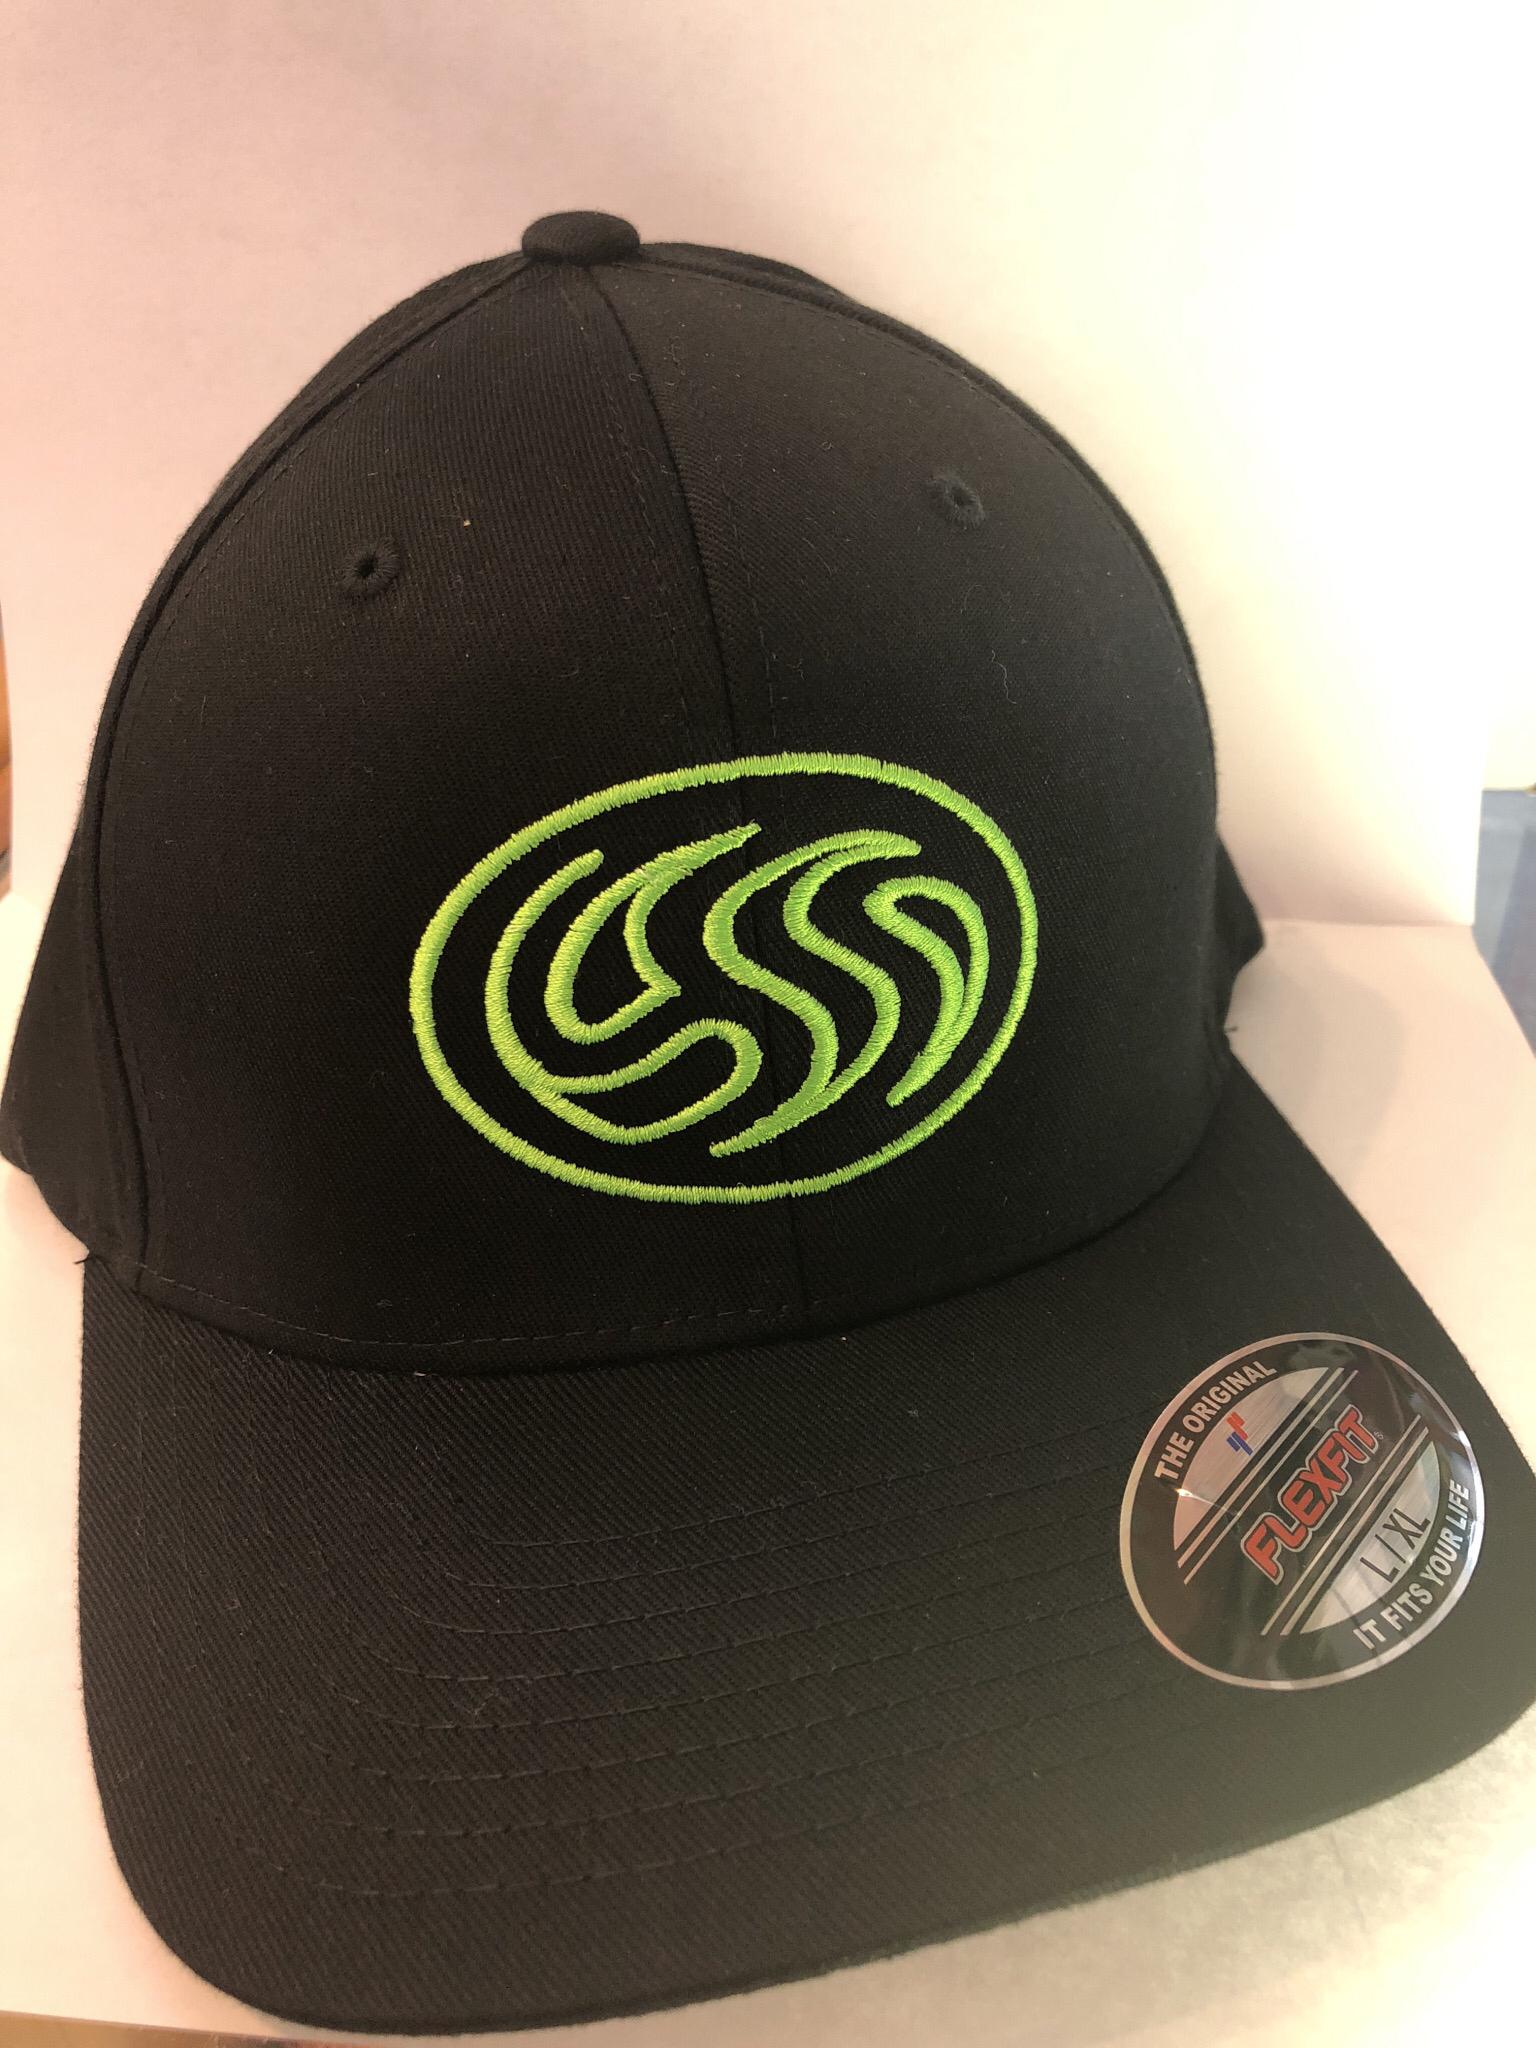 CSS Squash Flex Fit Hat (Black) - S/M 65200